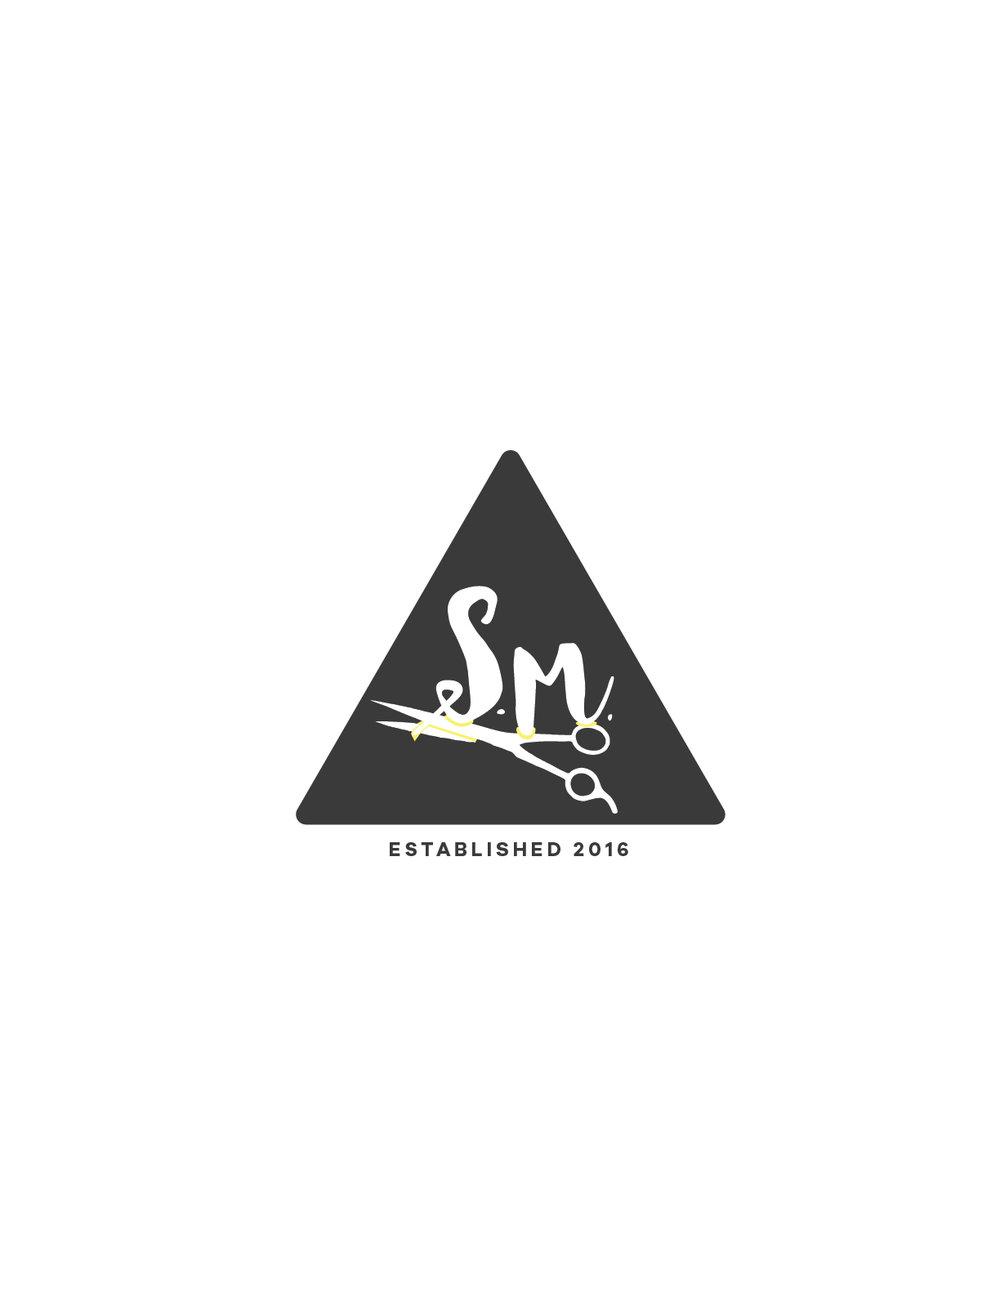 the-four-design-sammi-mac-logo-concepts-6.jpg